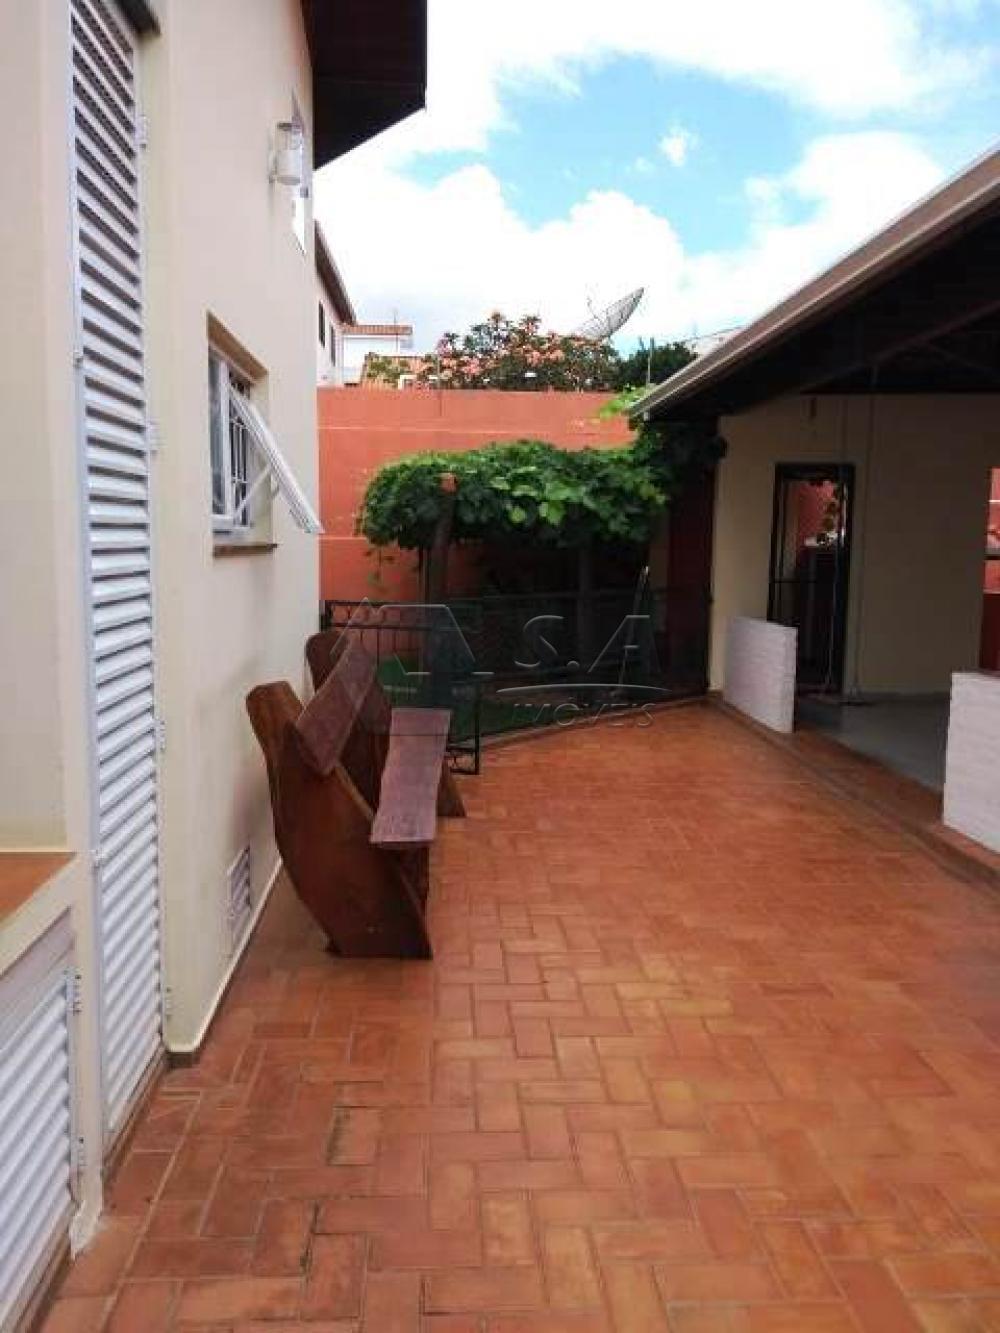 Comprar Casa / Padrão em Botucatu apenas R$ 700.000,00 - Foto 23